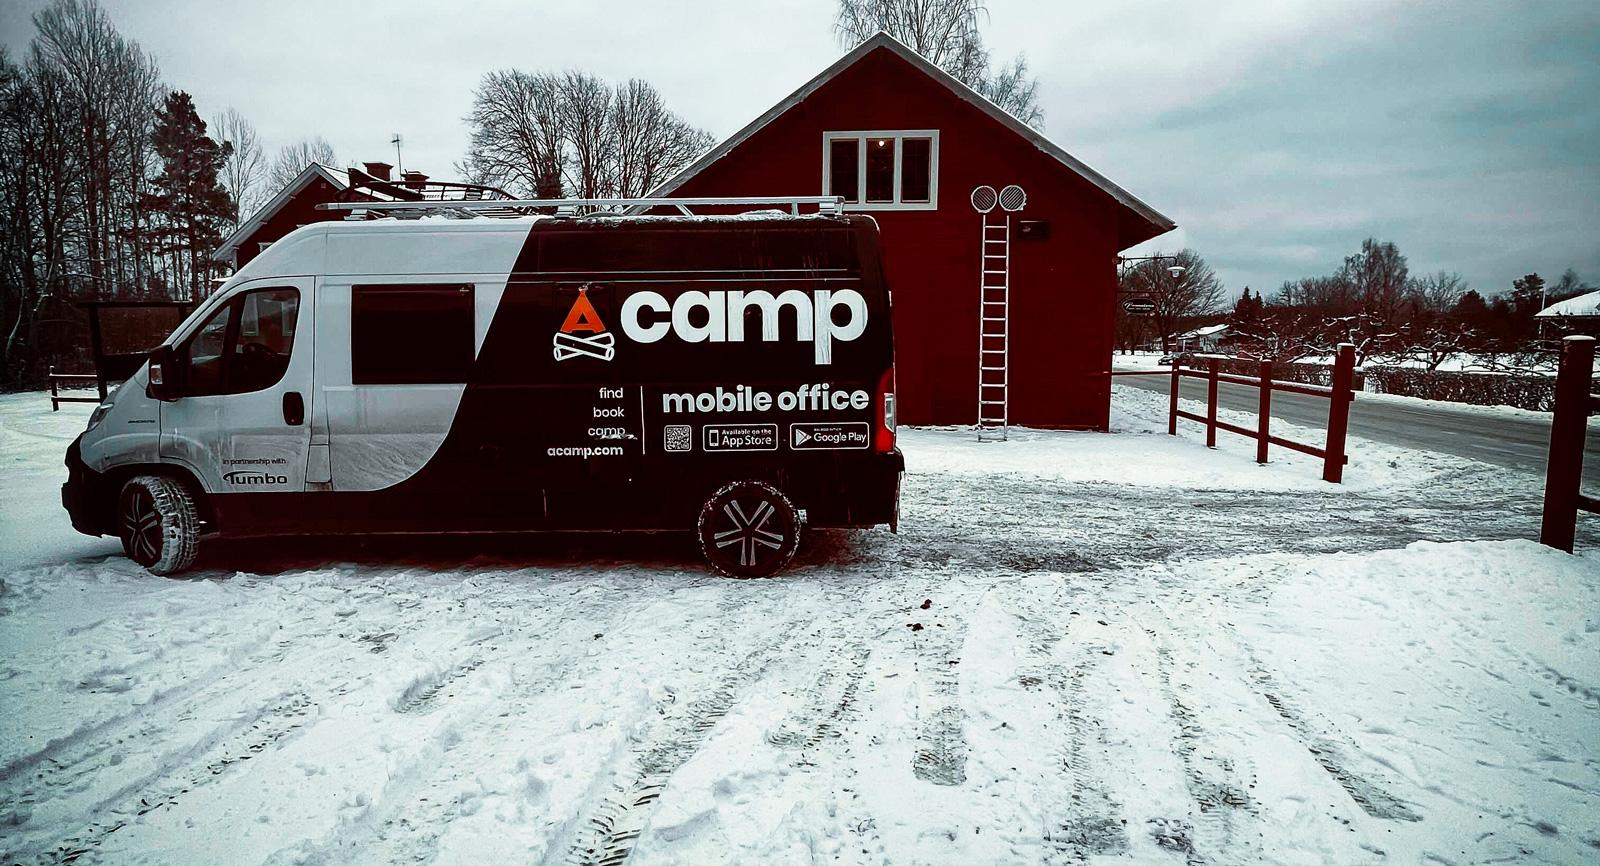 Acamp är ett företag som lever som de lär och erbjuder sina anställda att jobba från företagets egna husbil.